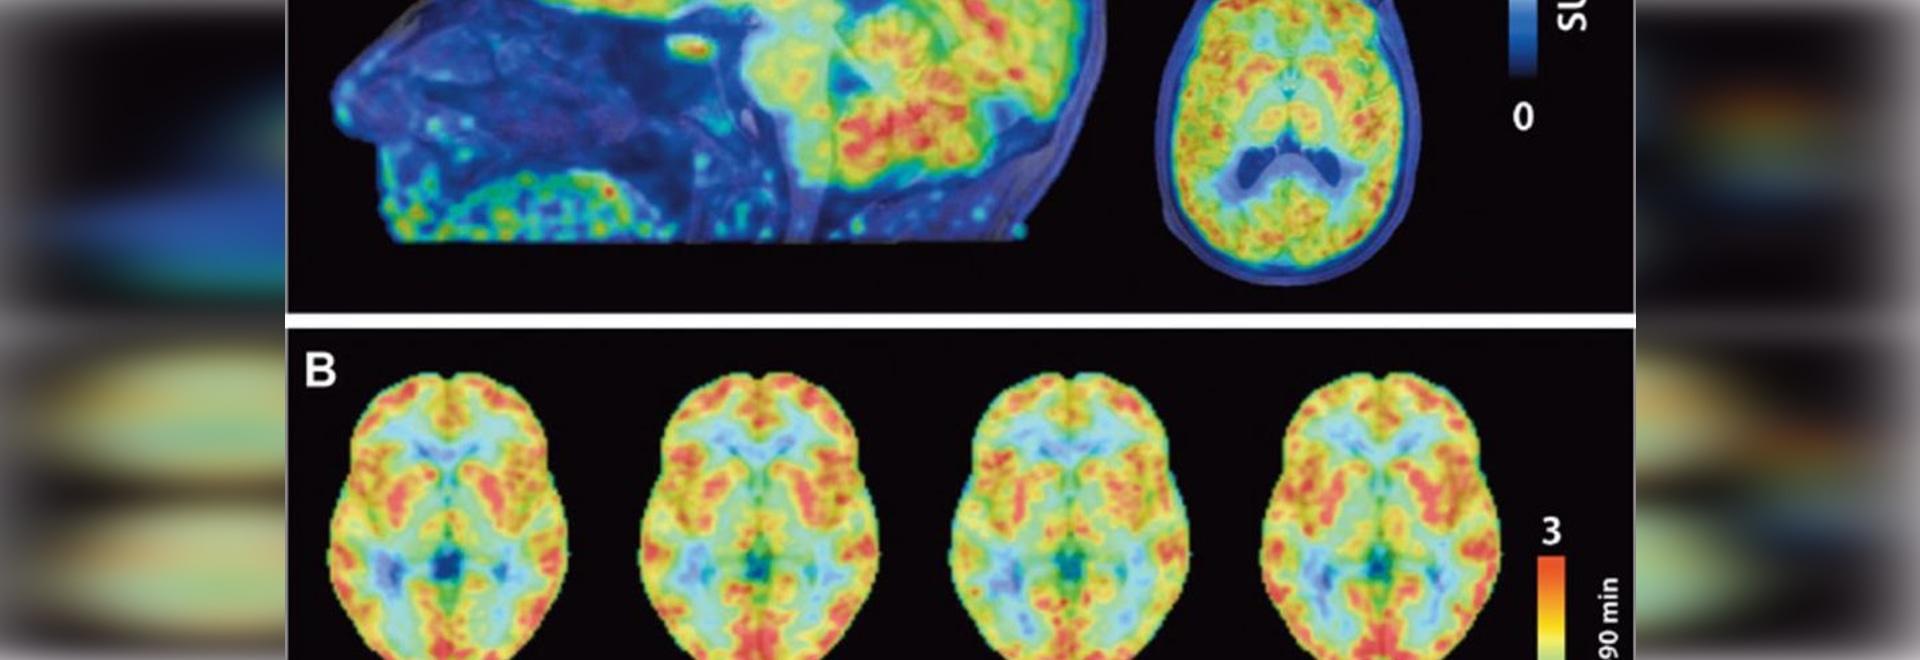 Le scansioni PET rivelano i cervelli delle donne compaiono 3 anni più giovane degli uomini